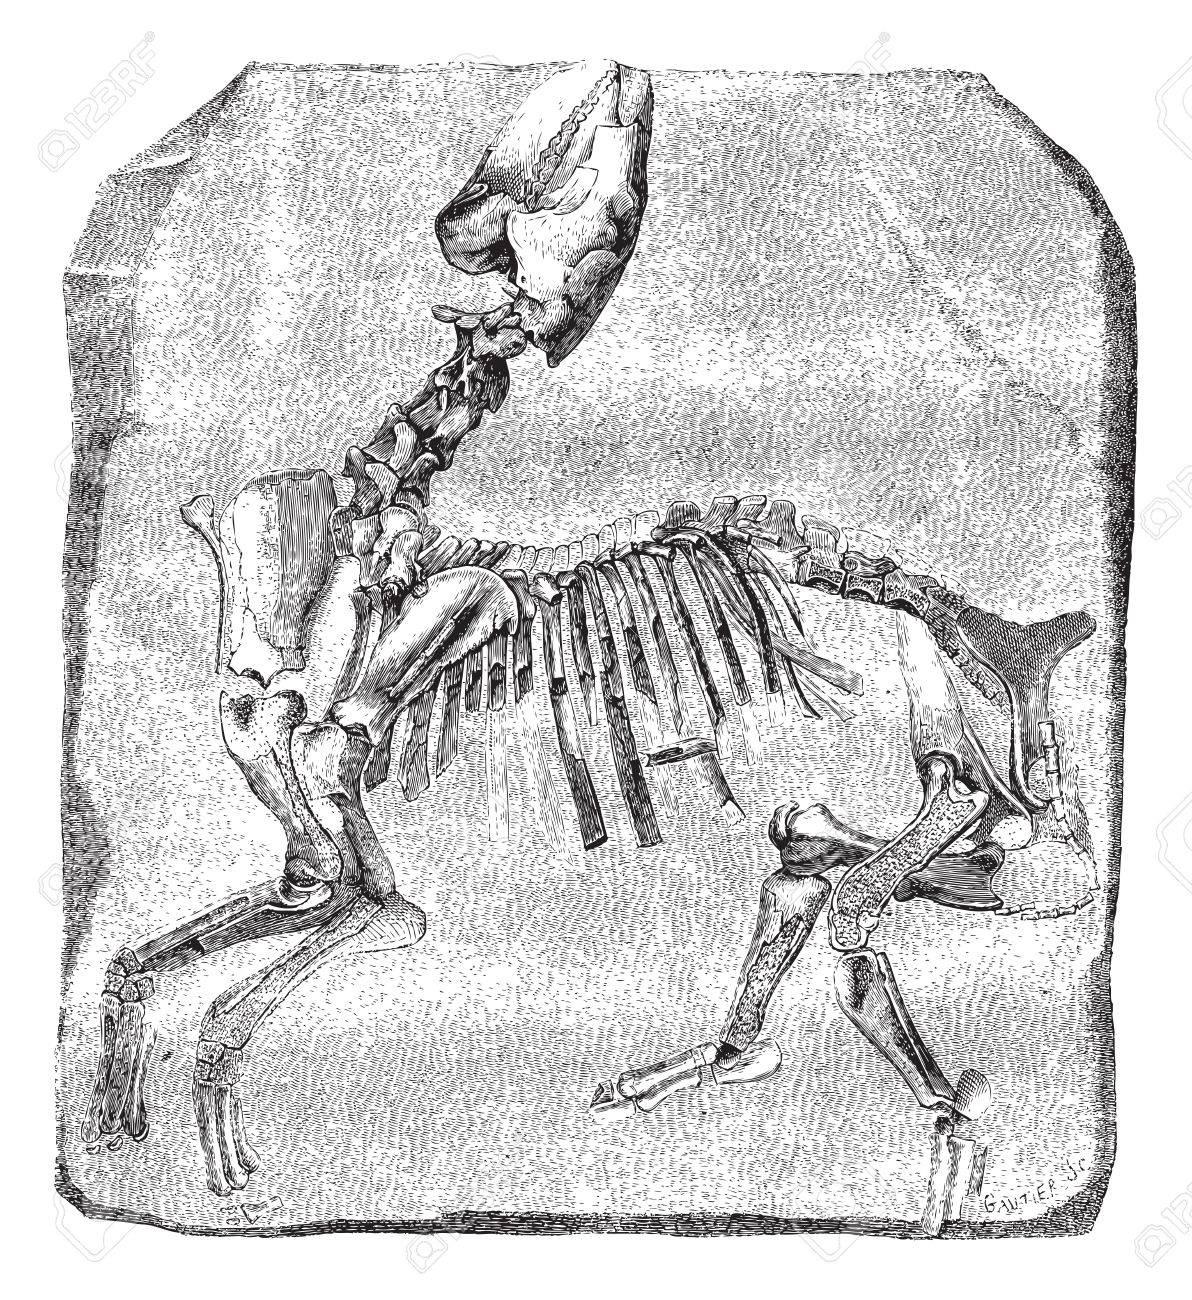 Beste Vergleichende Anatomie Beispiele Galerie - Anatomie Ideen ...